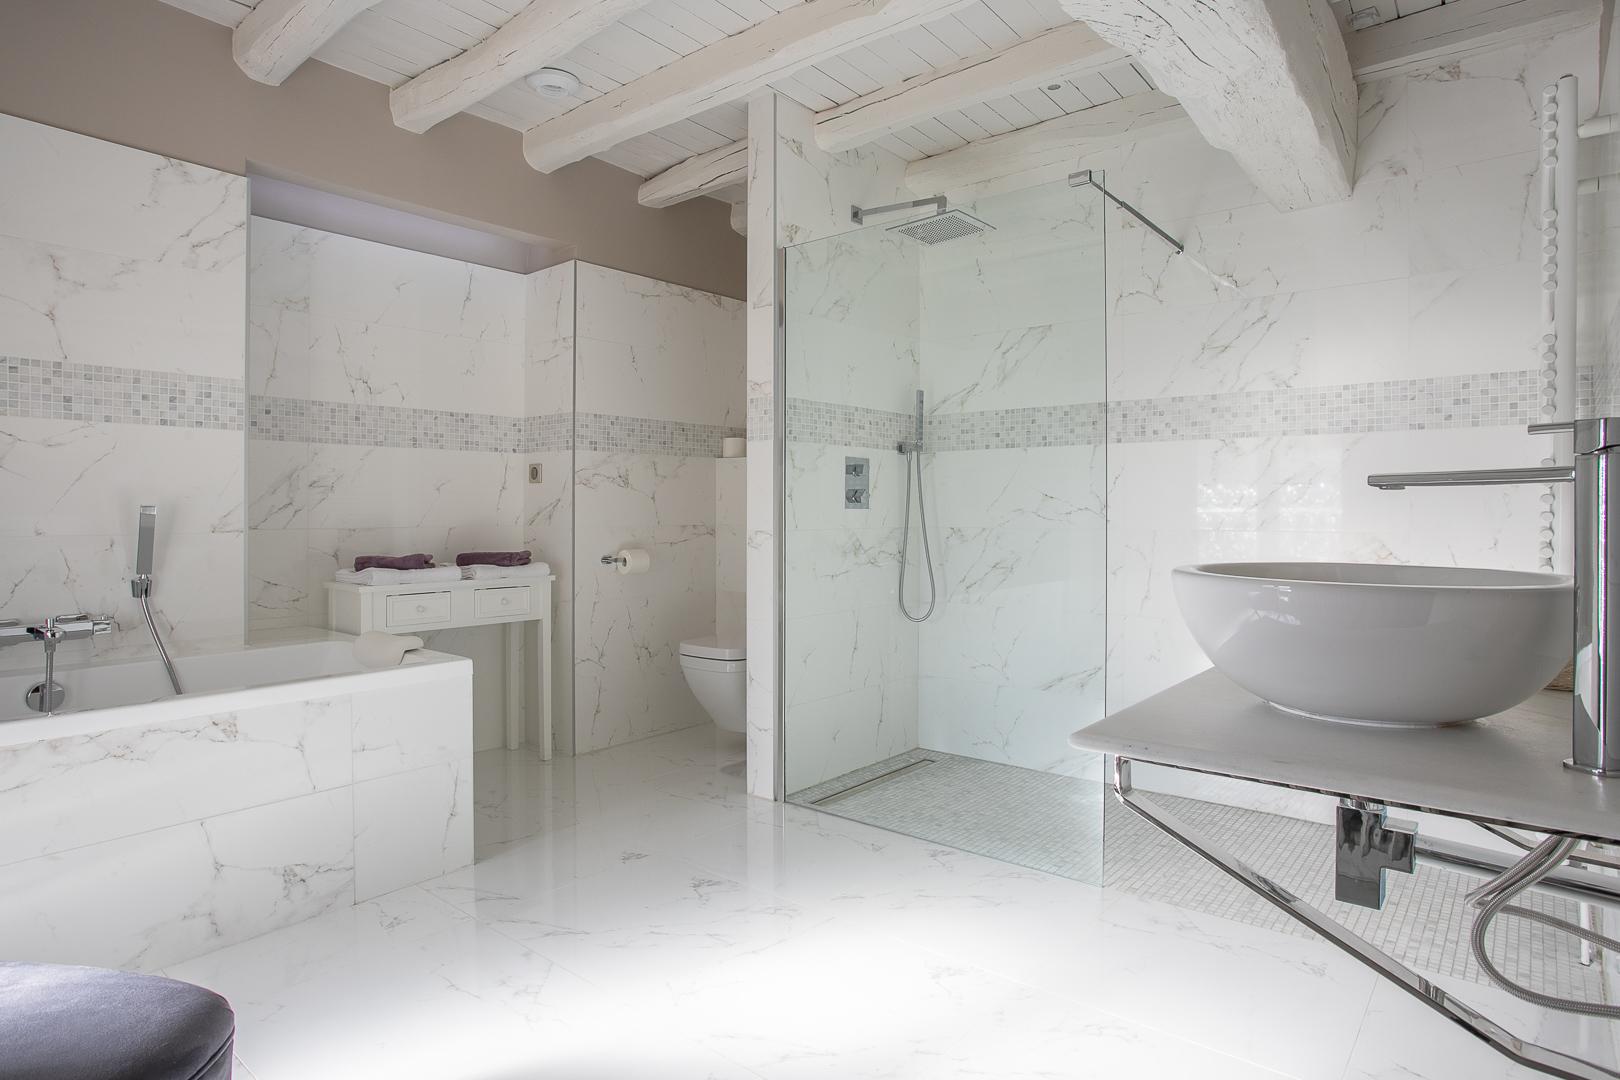 Chambre Chablis, vue générale de la salle de bains